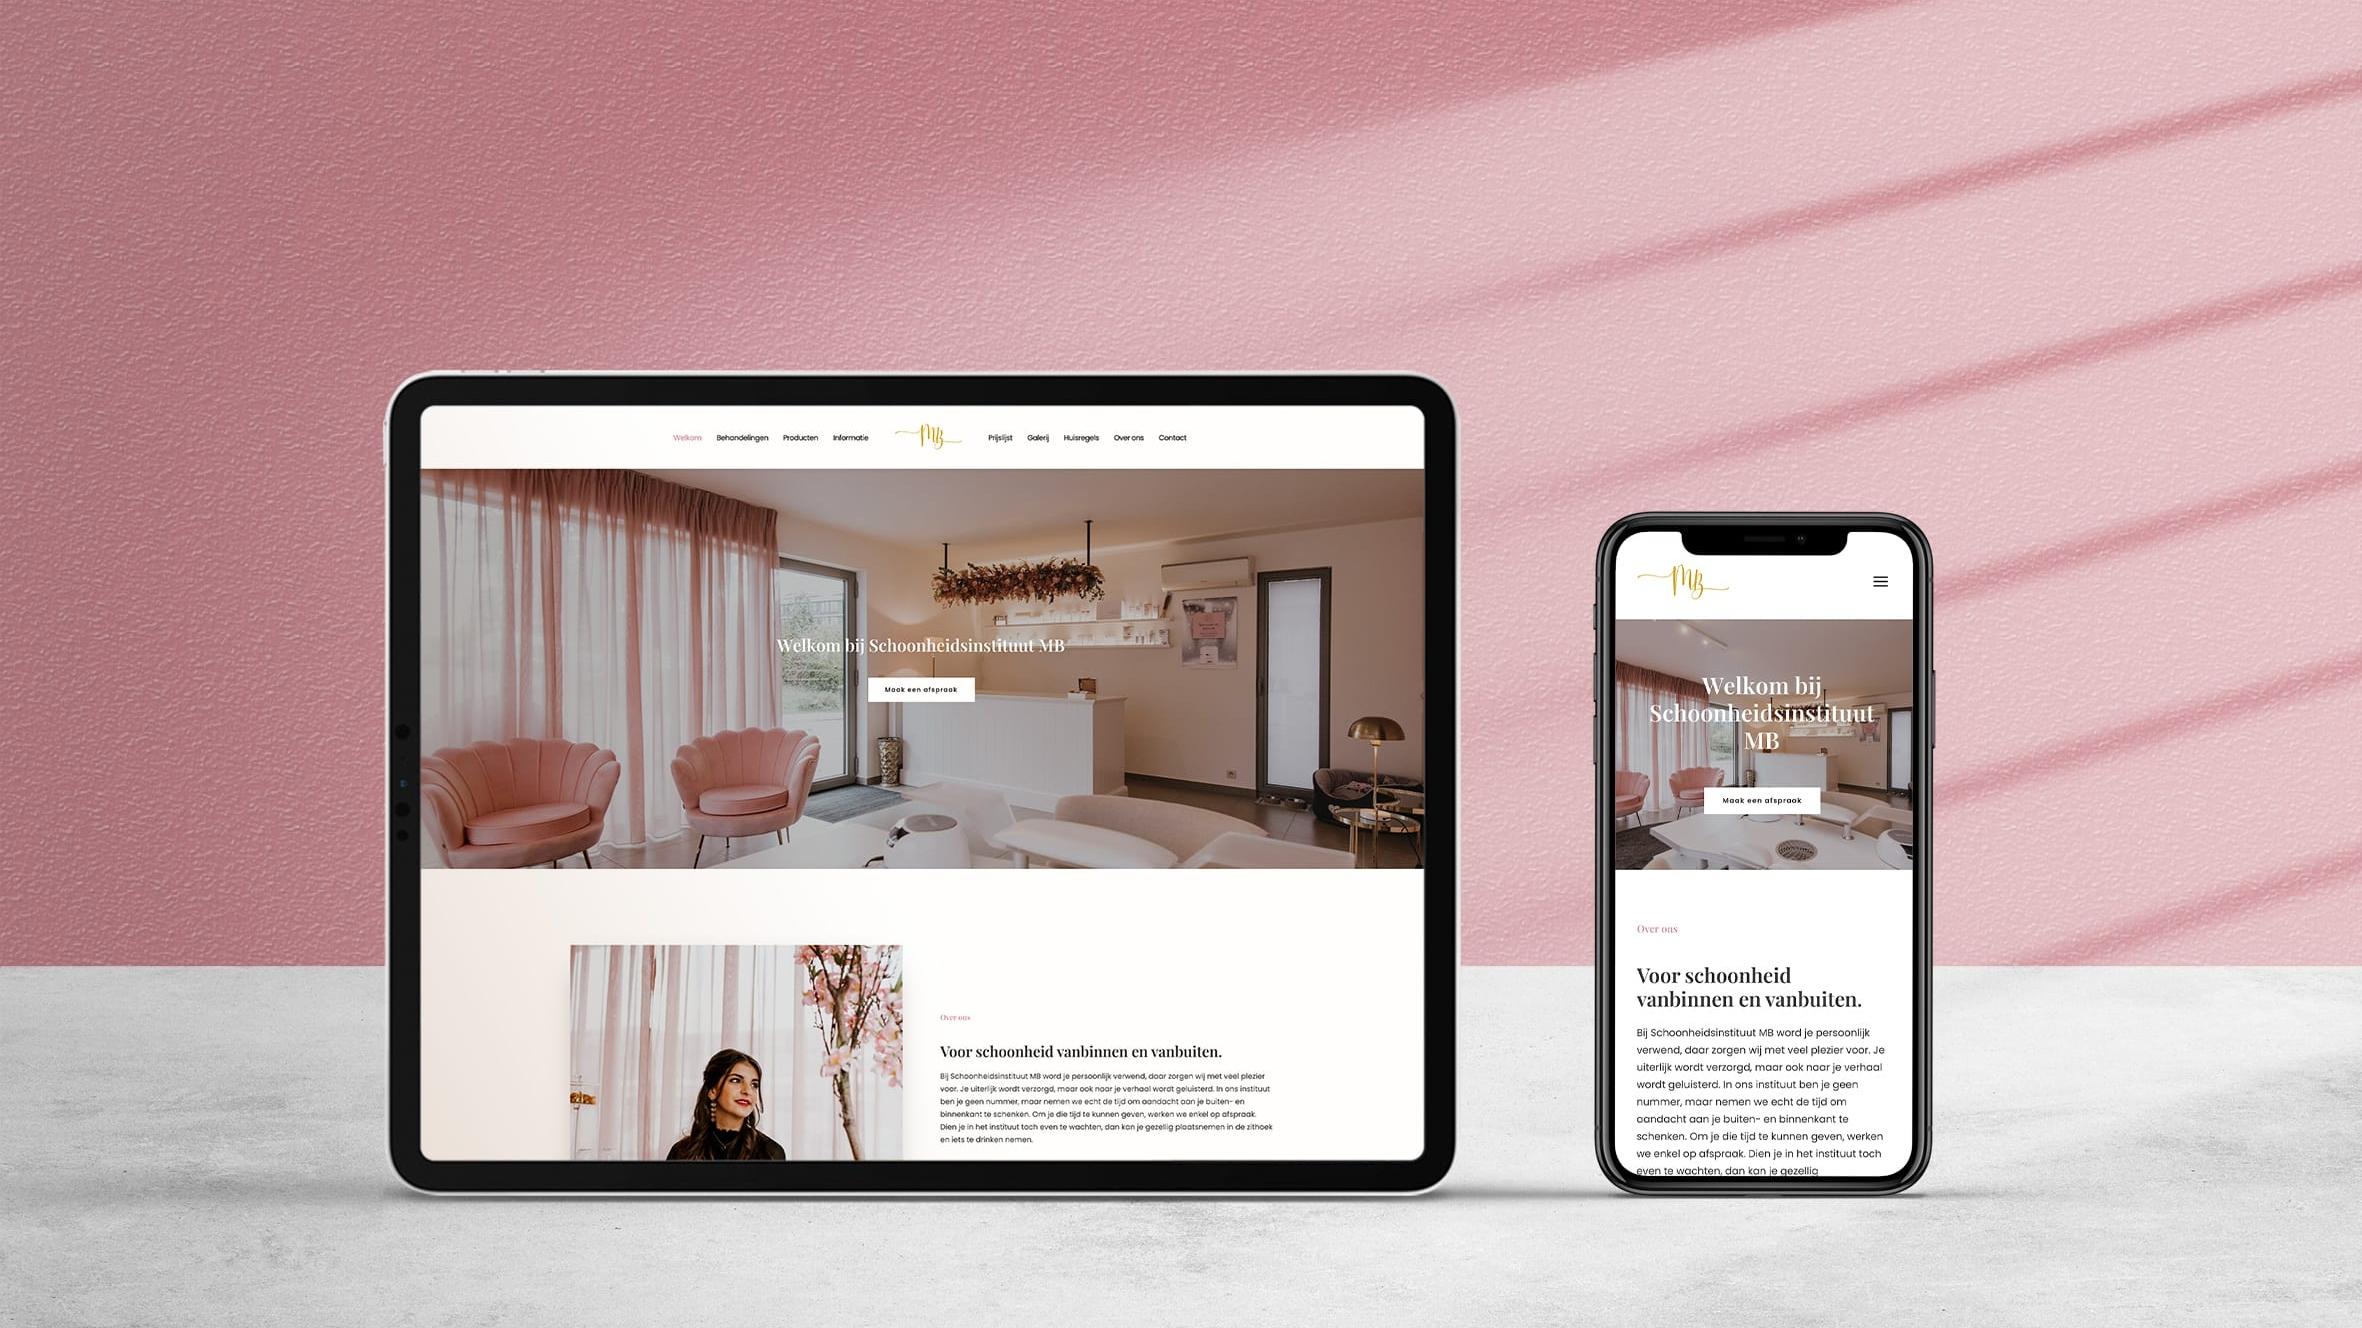 Larkom Webdesign in Londerzeel Schoonheidsinstituut MB website portfolio 0003